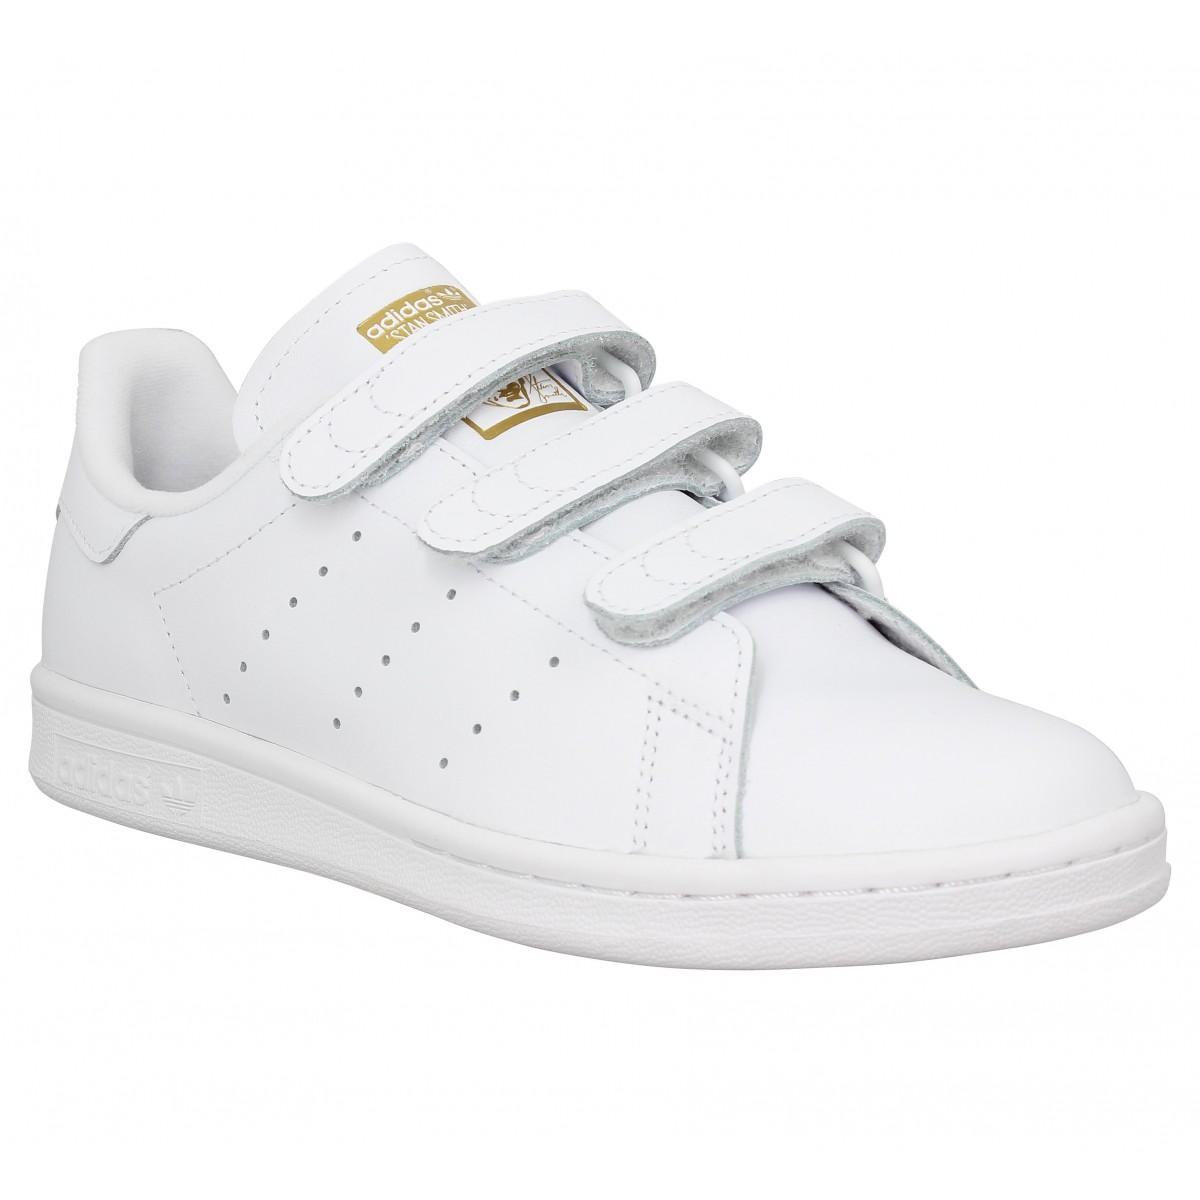 Adidas Femme Stan Smith Velcro Cuir...